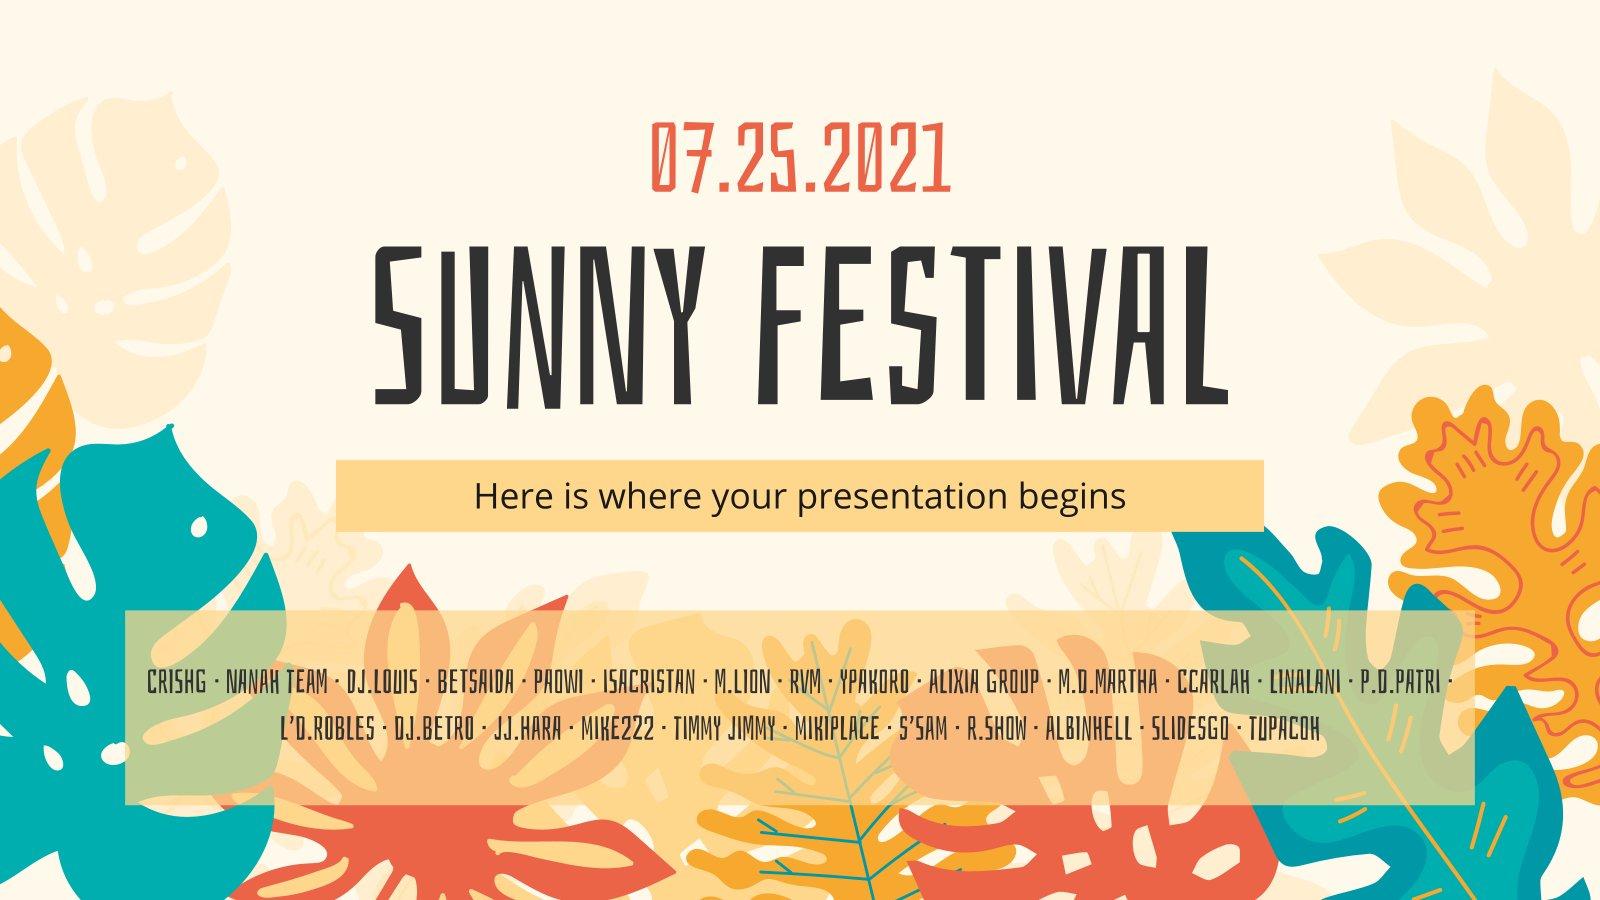 Sunny Festival Campaign presentation template